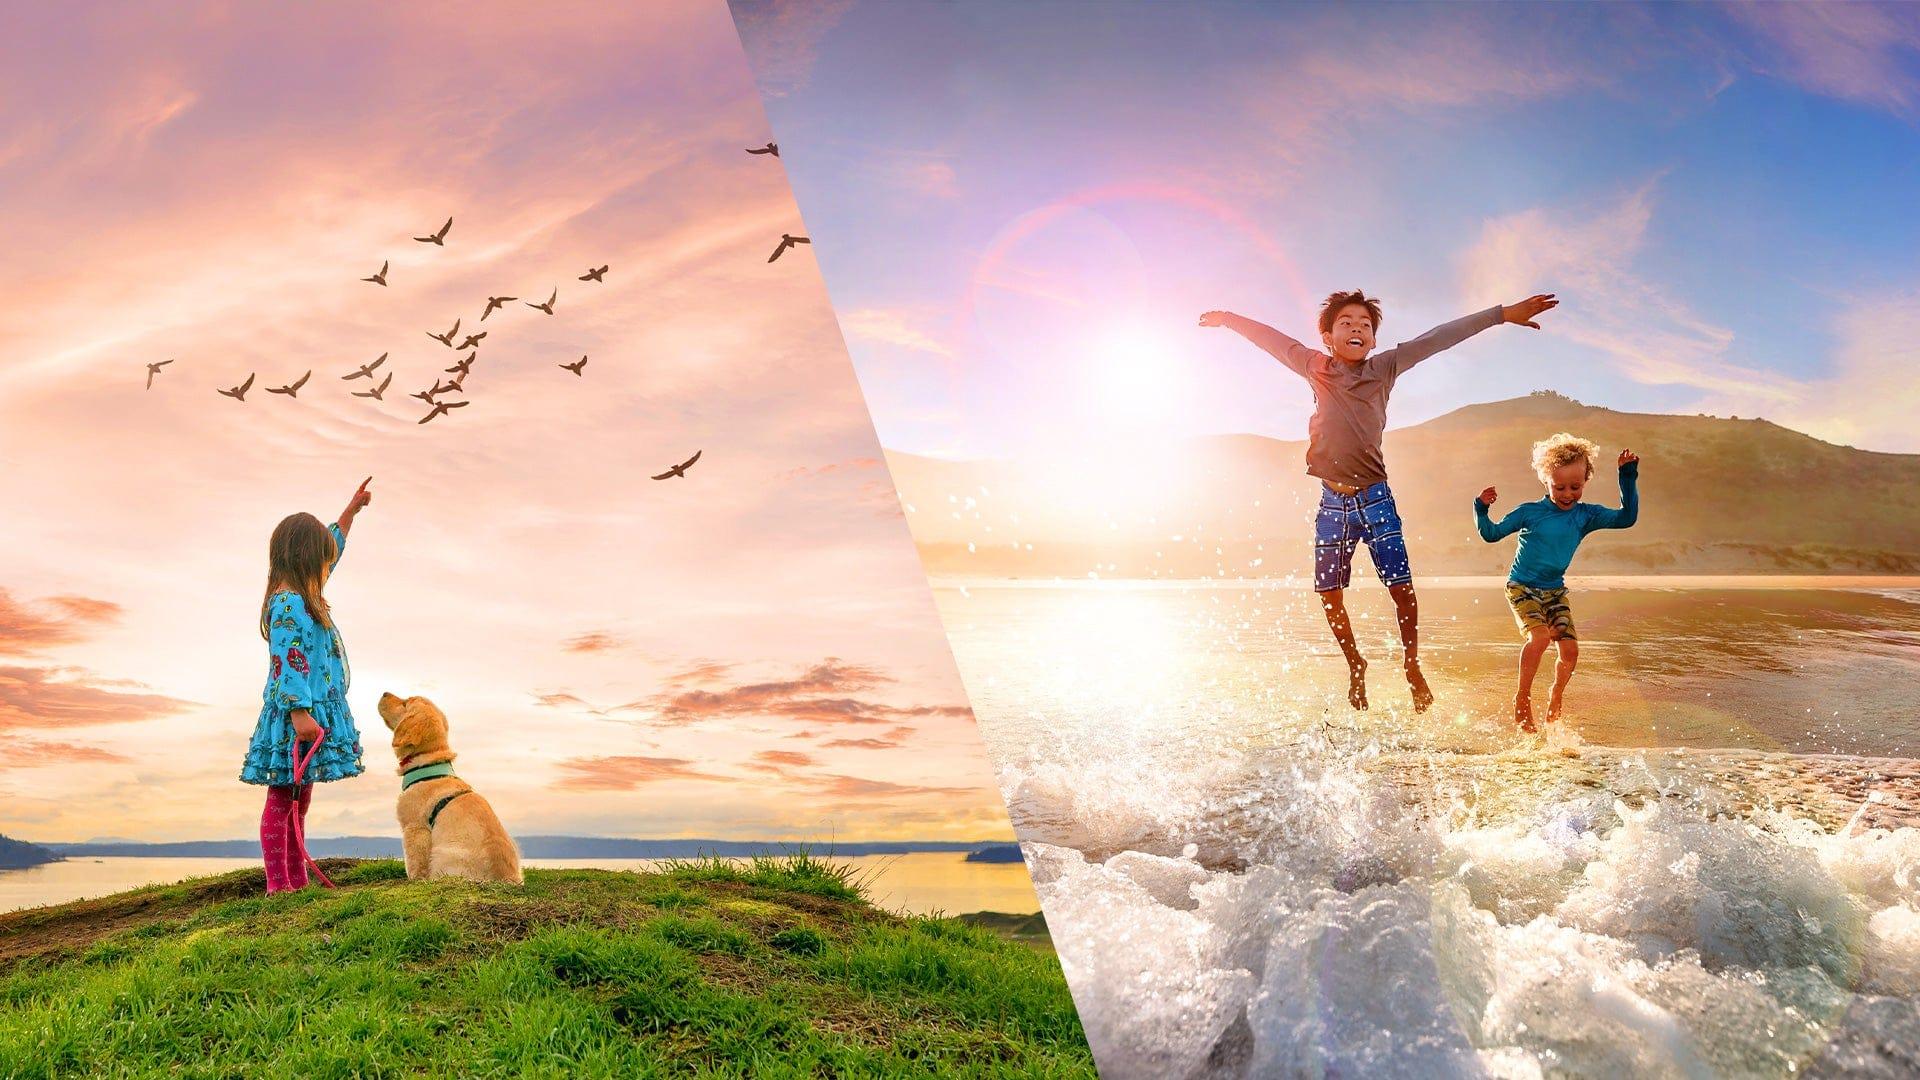 Adobe Photoshop Elements e Premiere Elements 2021